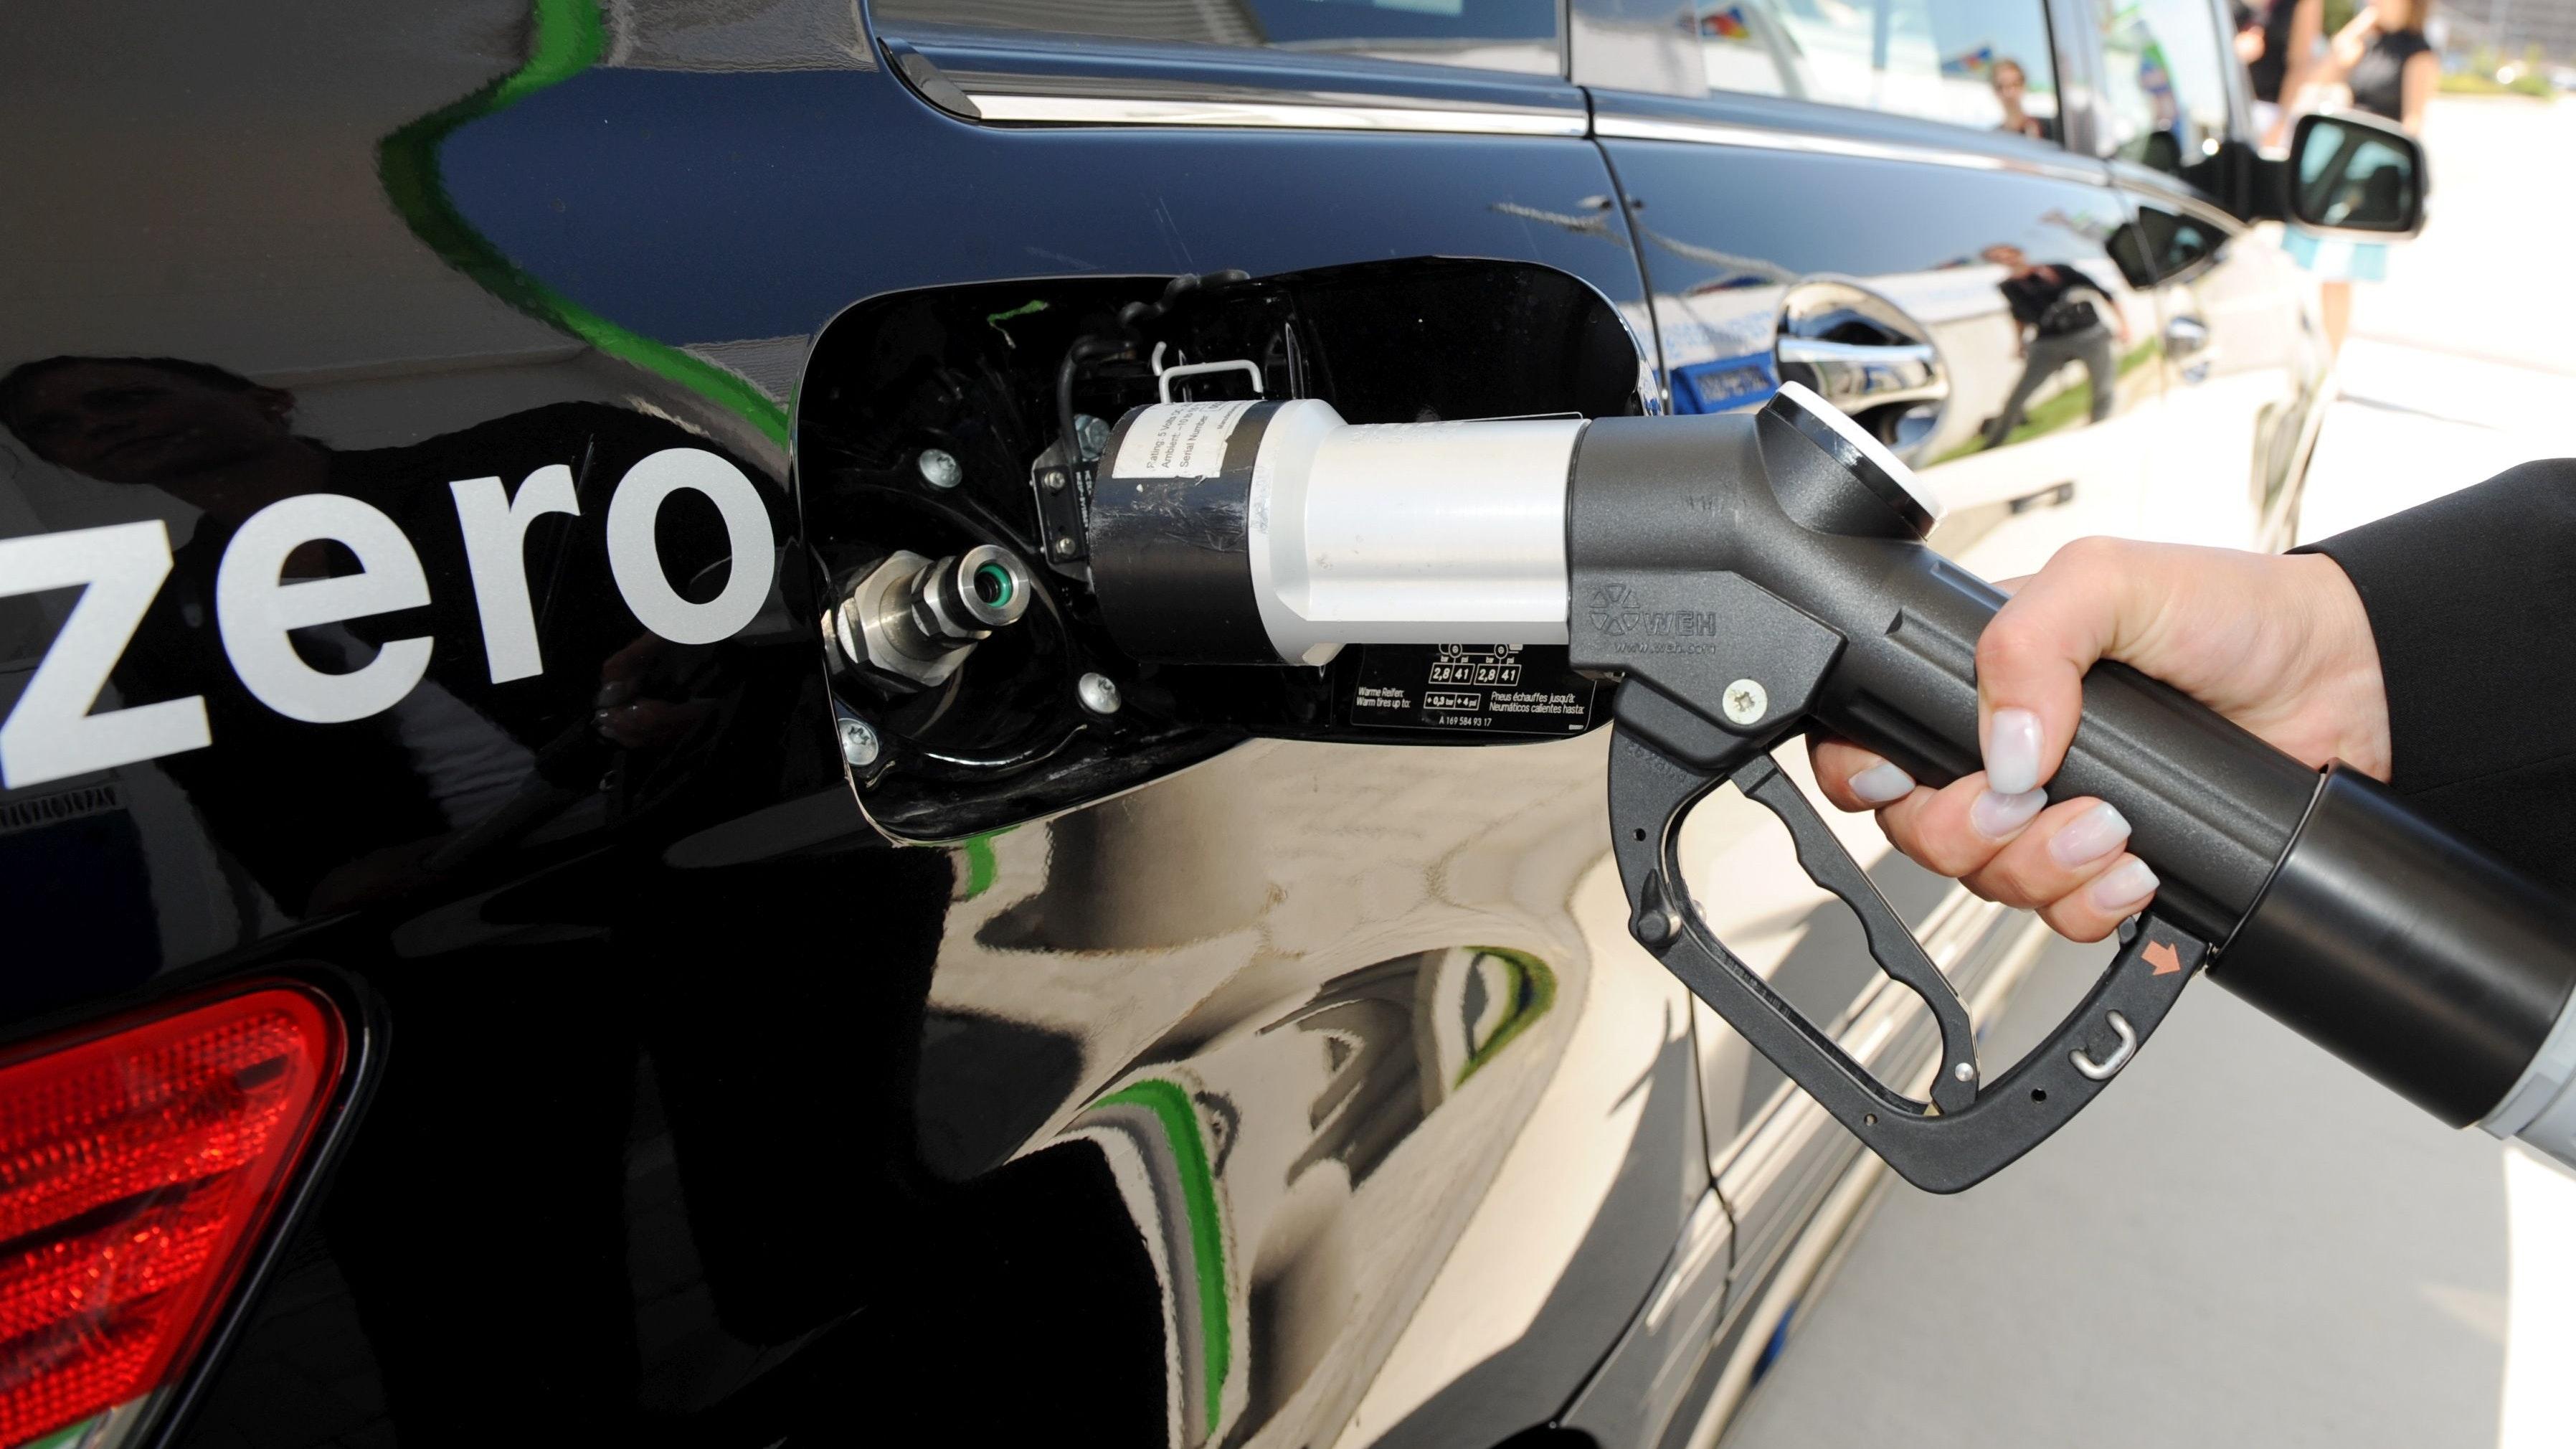 Königsweg Wasserstoff? Die Tankstellenbetreiber setzen nicht allein auf diesen Treibstoff, sondern auf einen Energiemix. Foto: dpa/Weißbrod